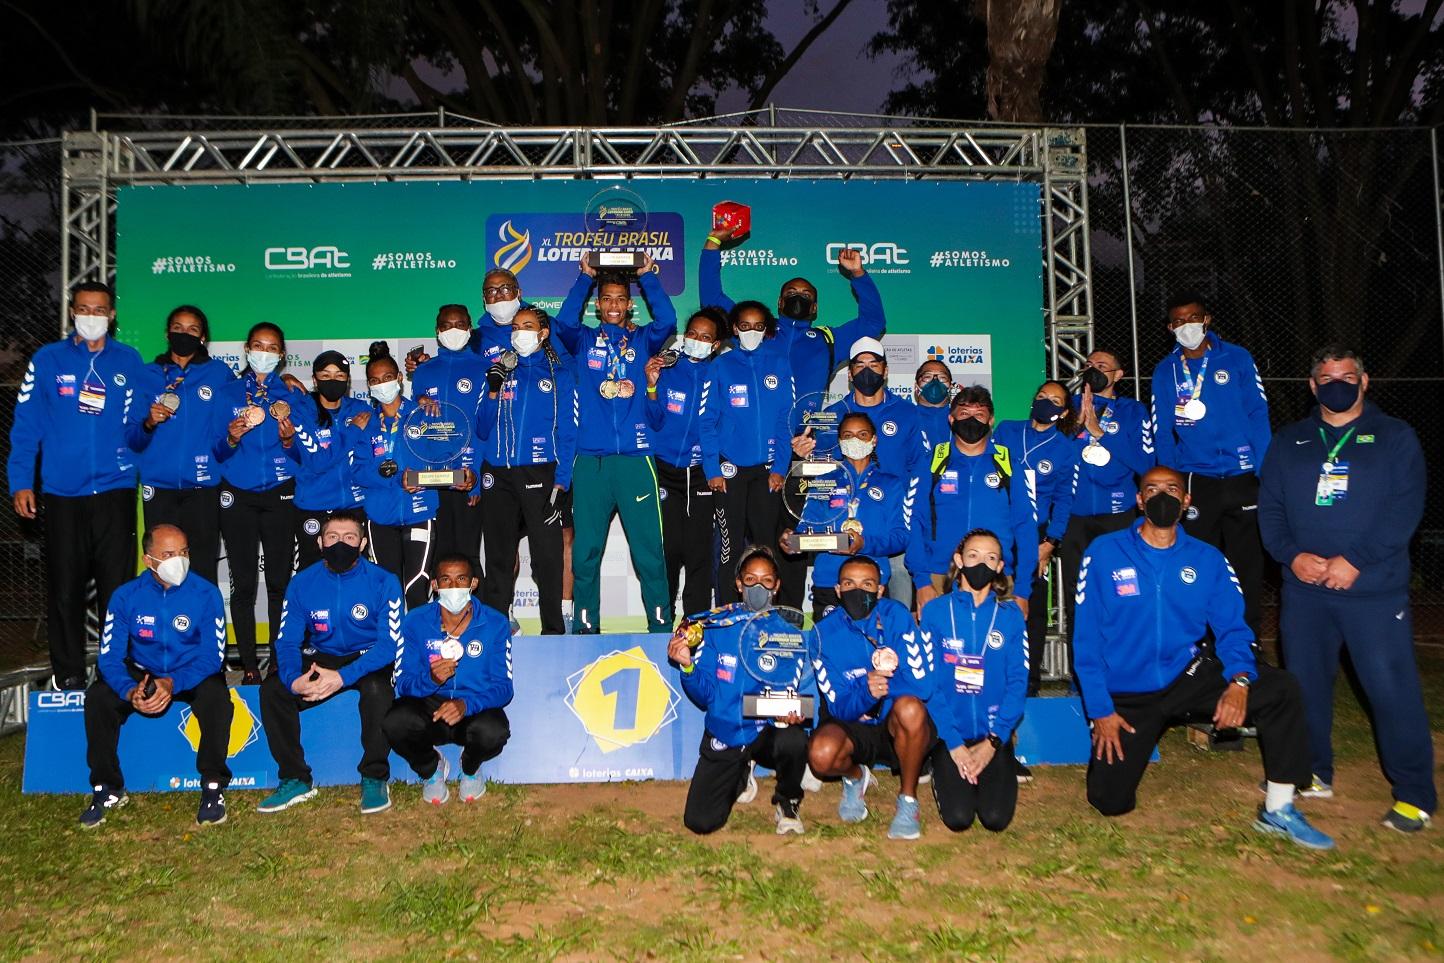 Pinheiros é hexacampeão do Troféu Brasil Loterias Caixa de Atletismo